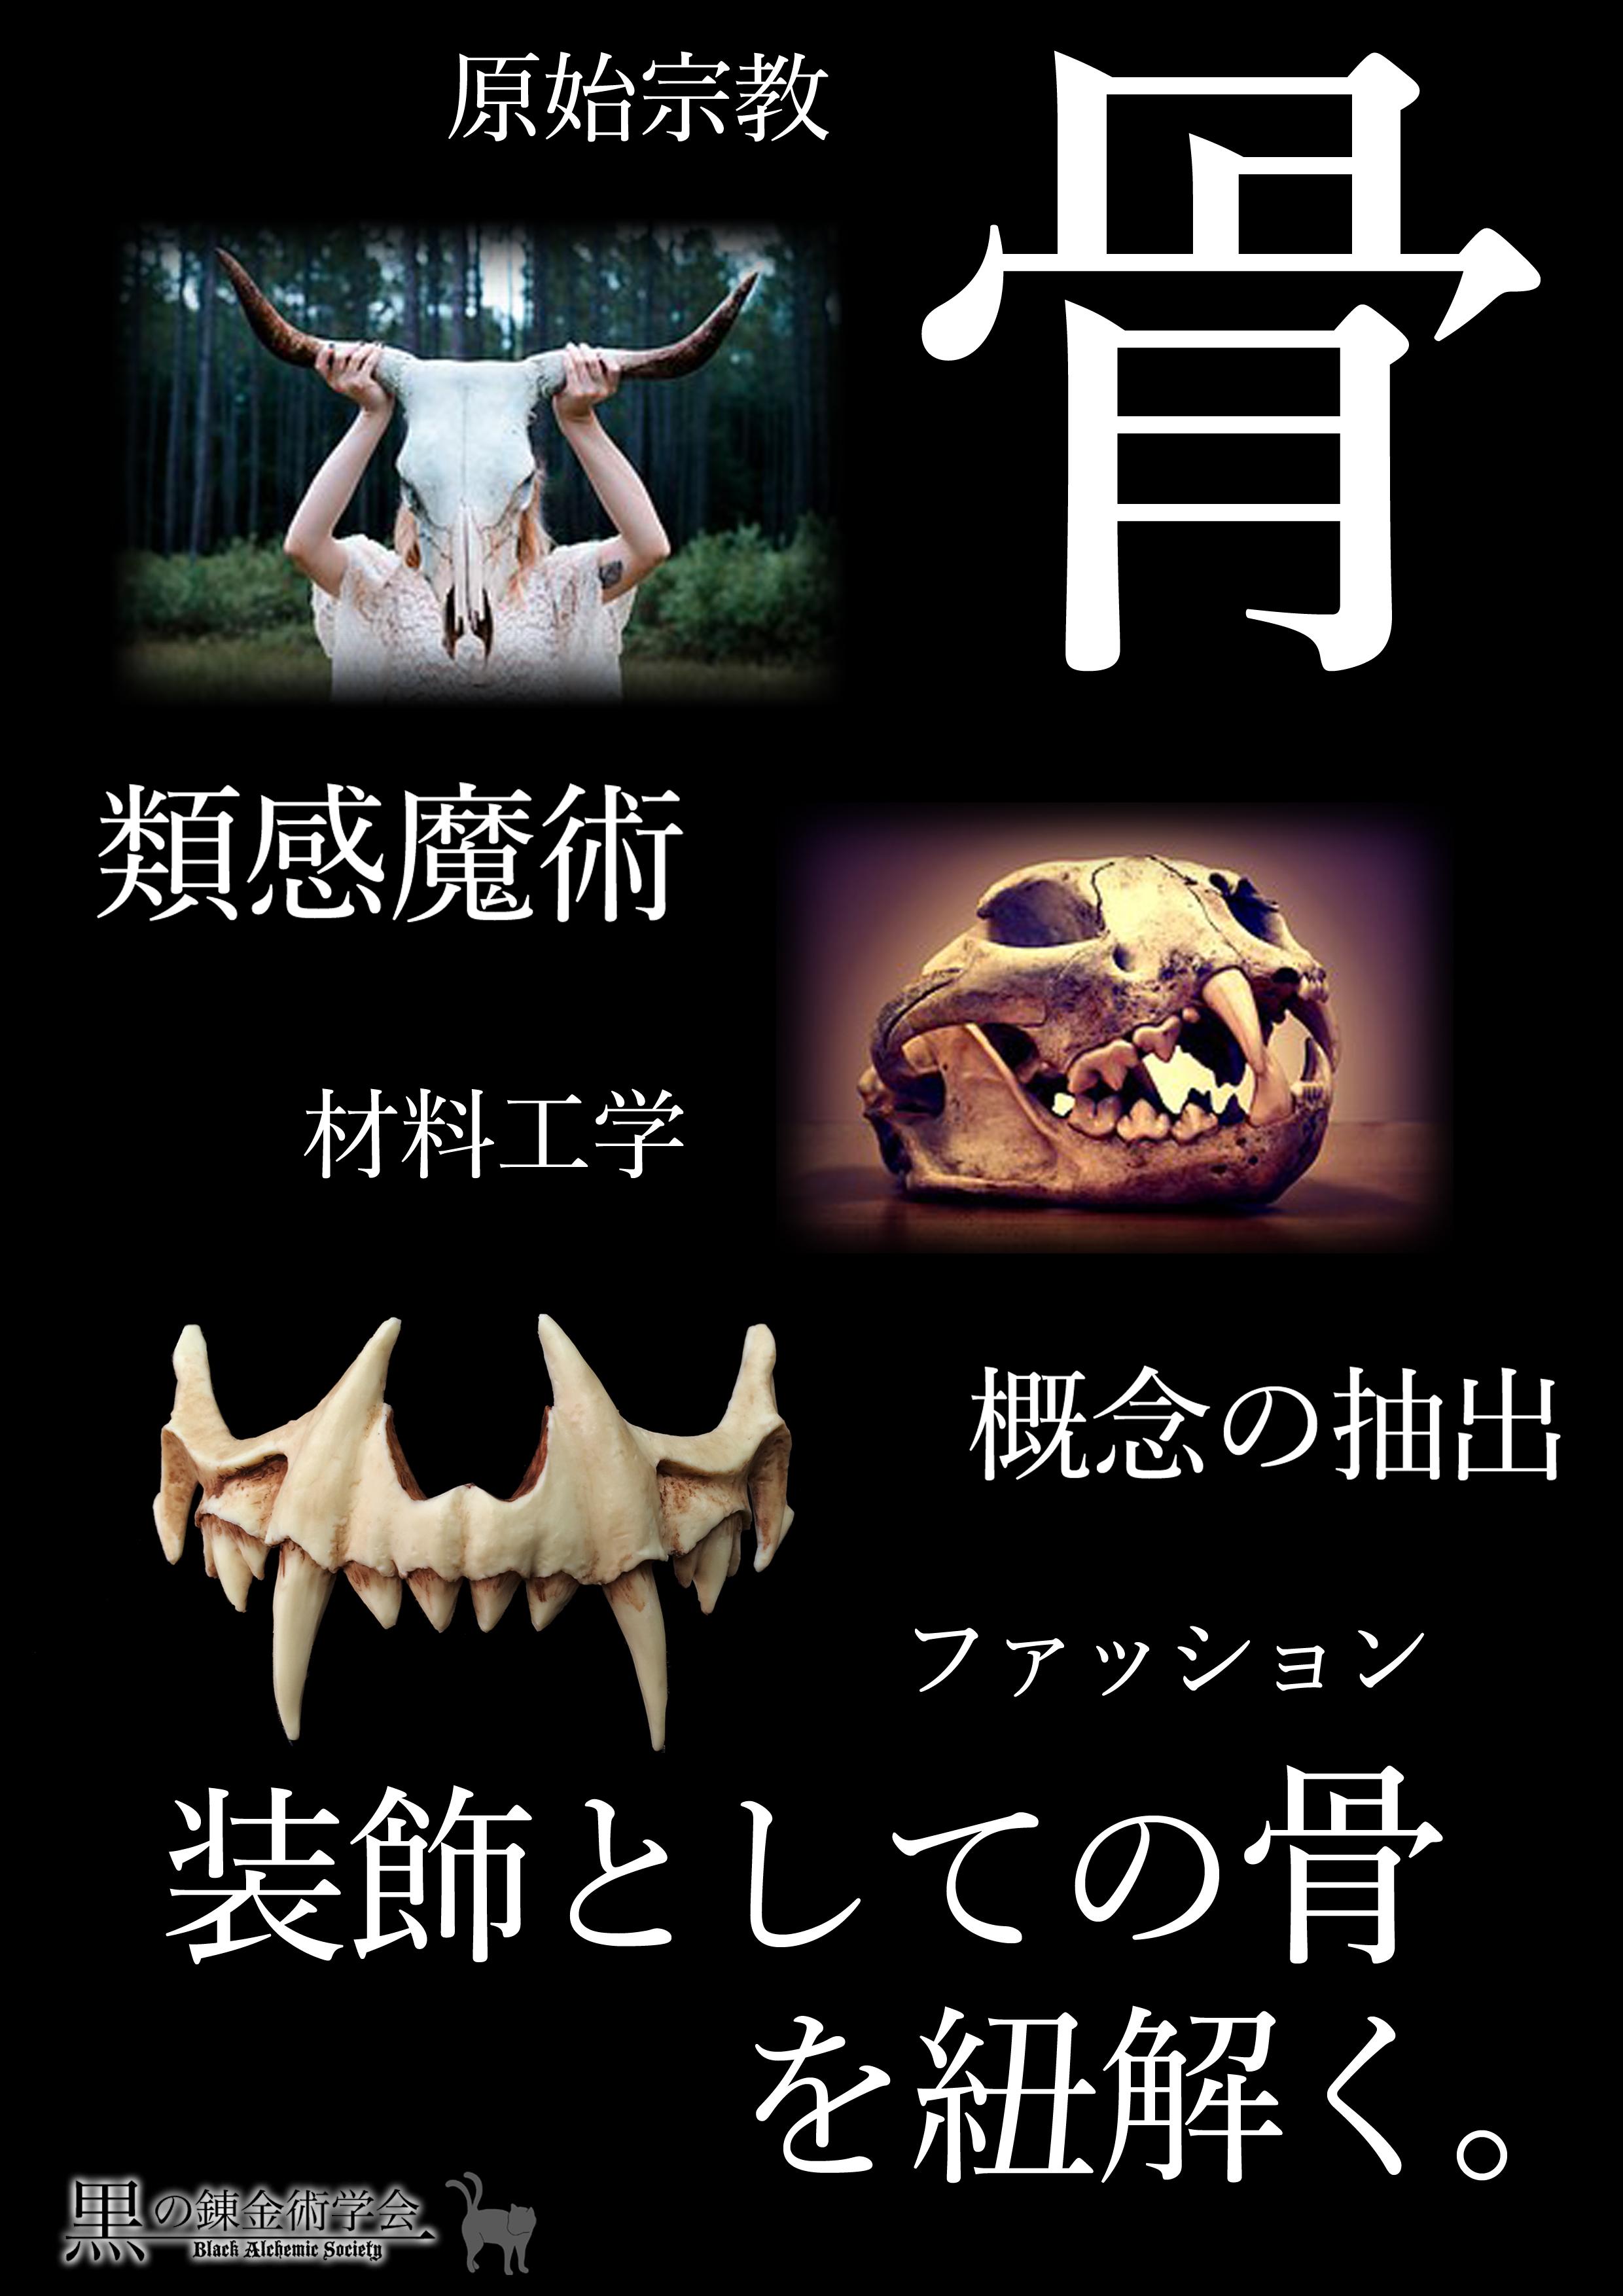 2016ガクタメ_黒の錬金術学会